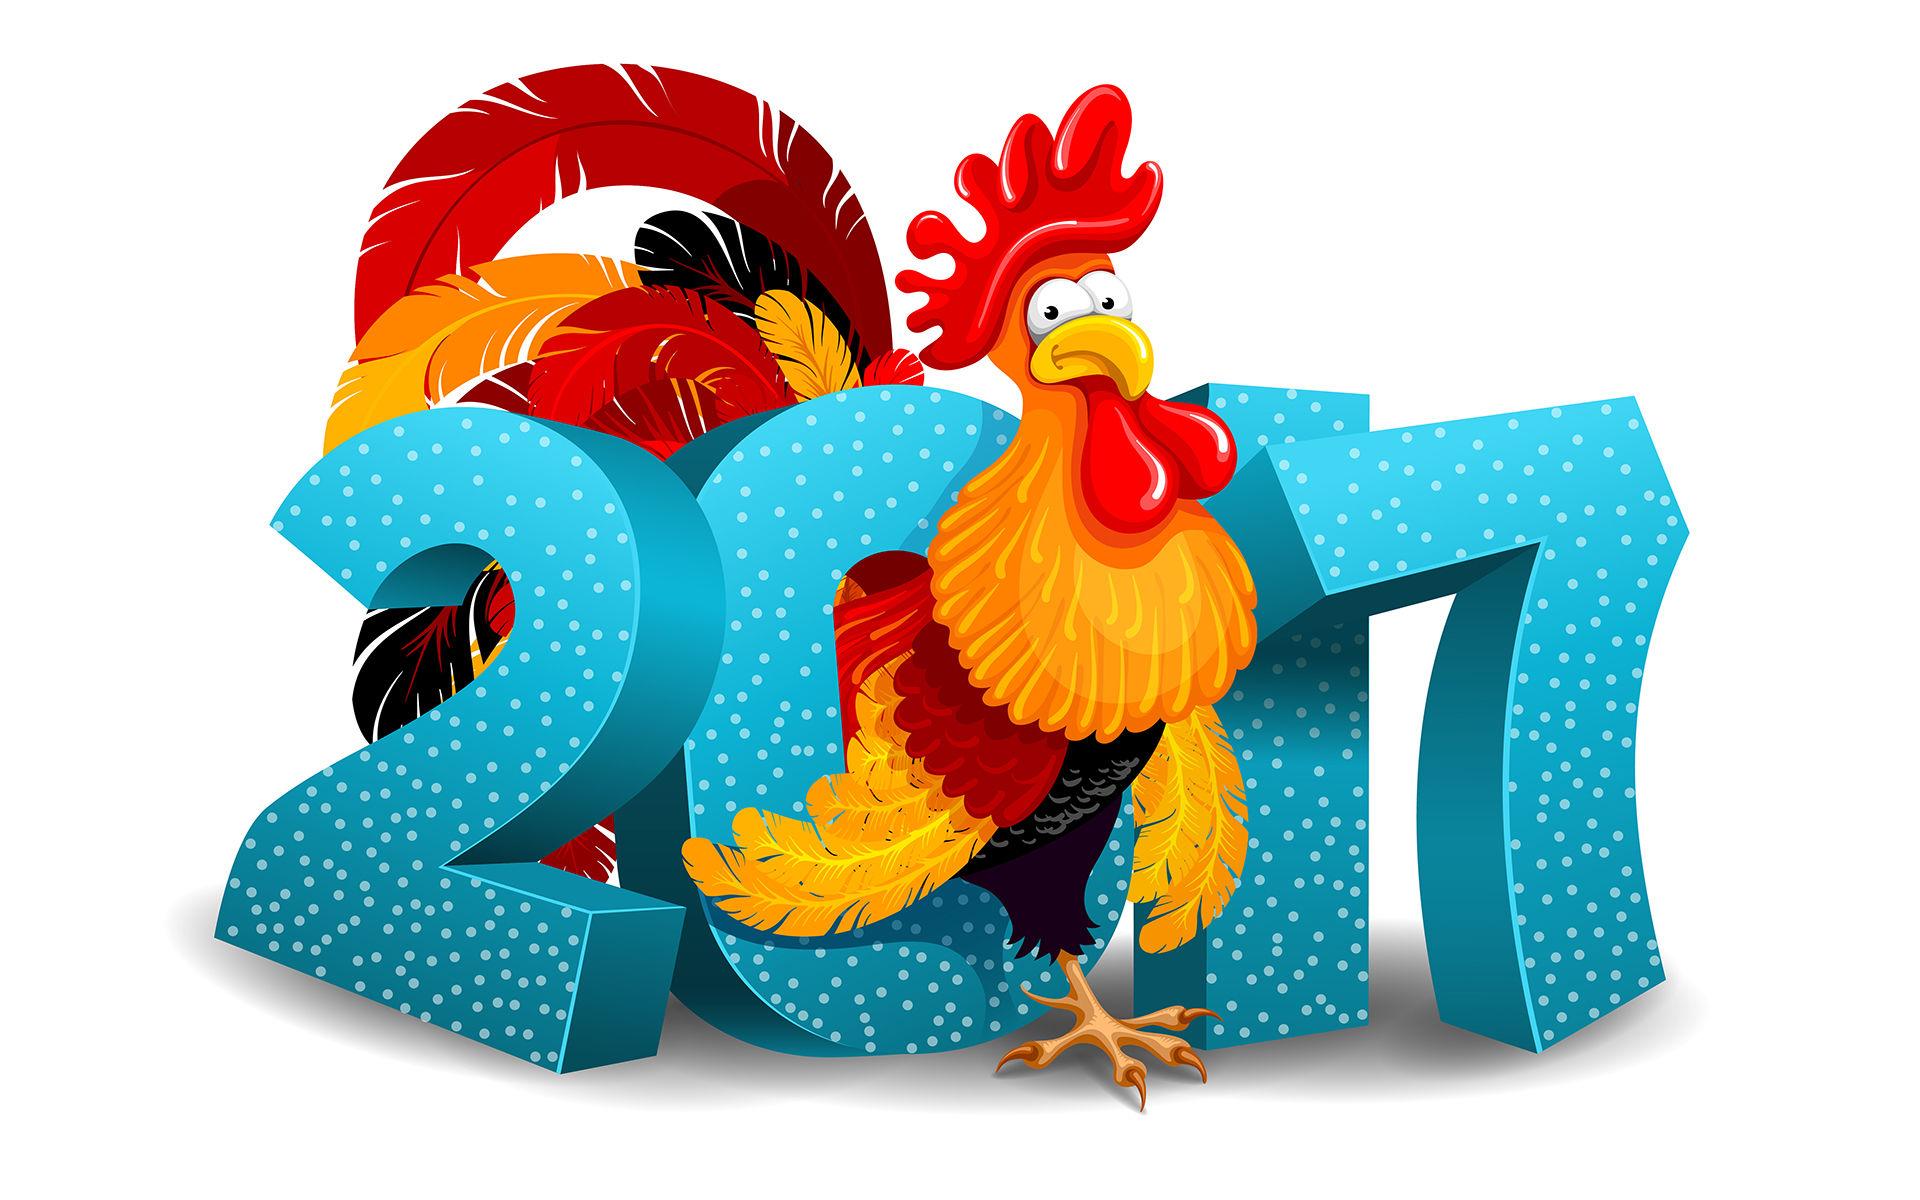 Сердце песке, открытка на новый год петуха 2017 своими руками